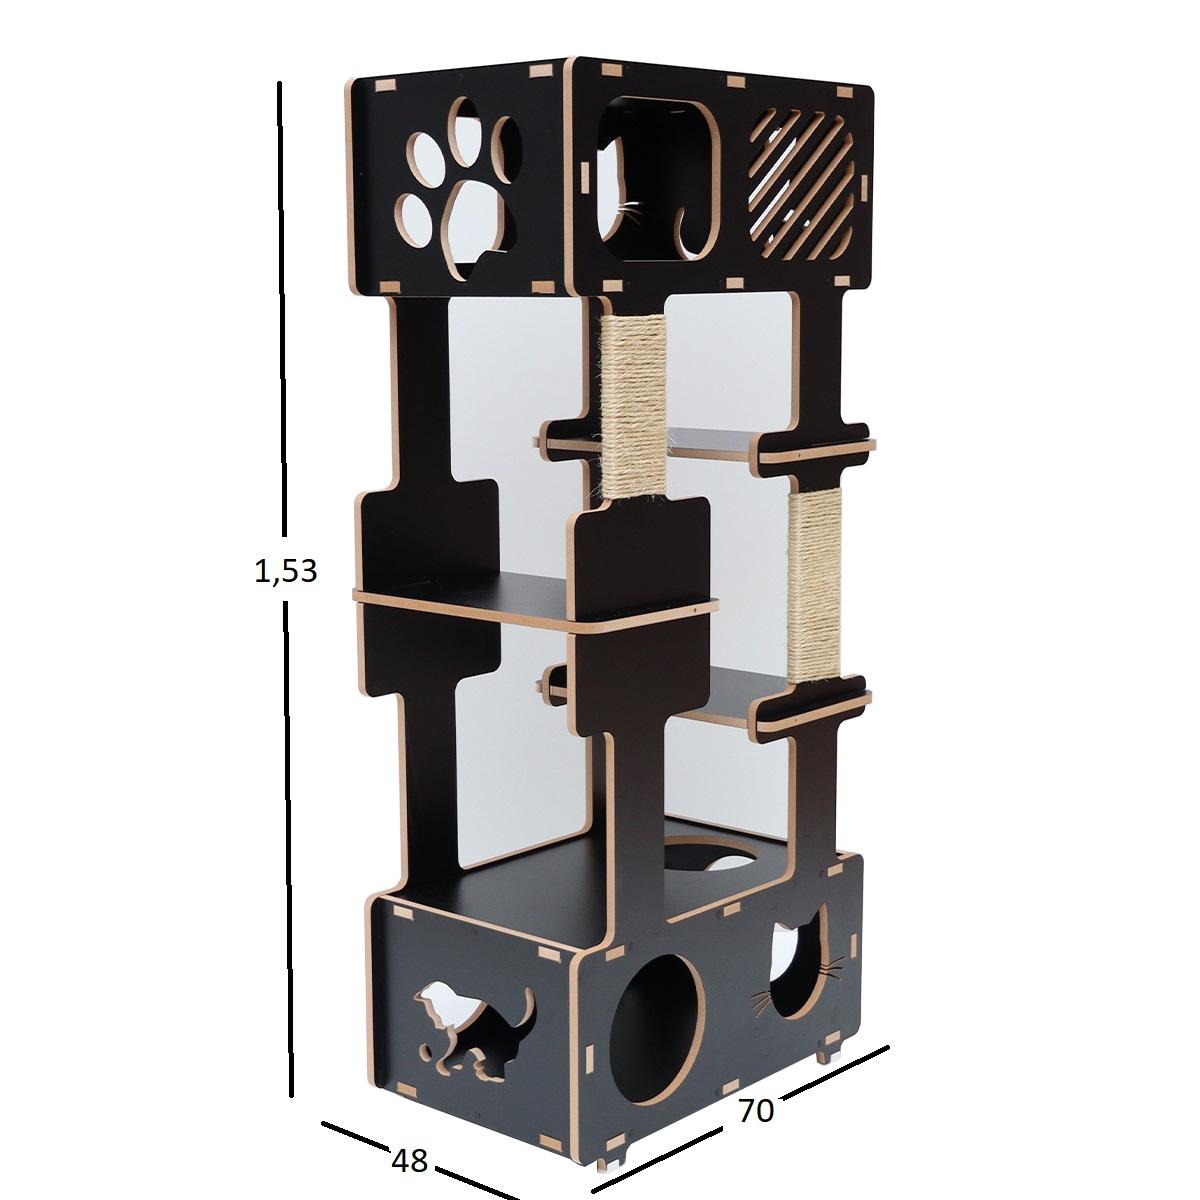 Torre Cama Toca Arranhador gato gatil brinquedo Simbah-PRETO